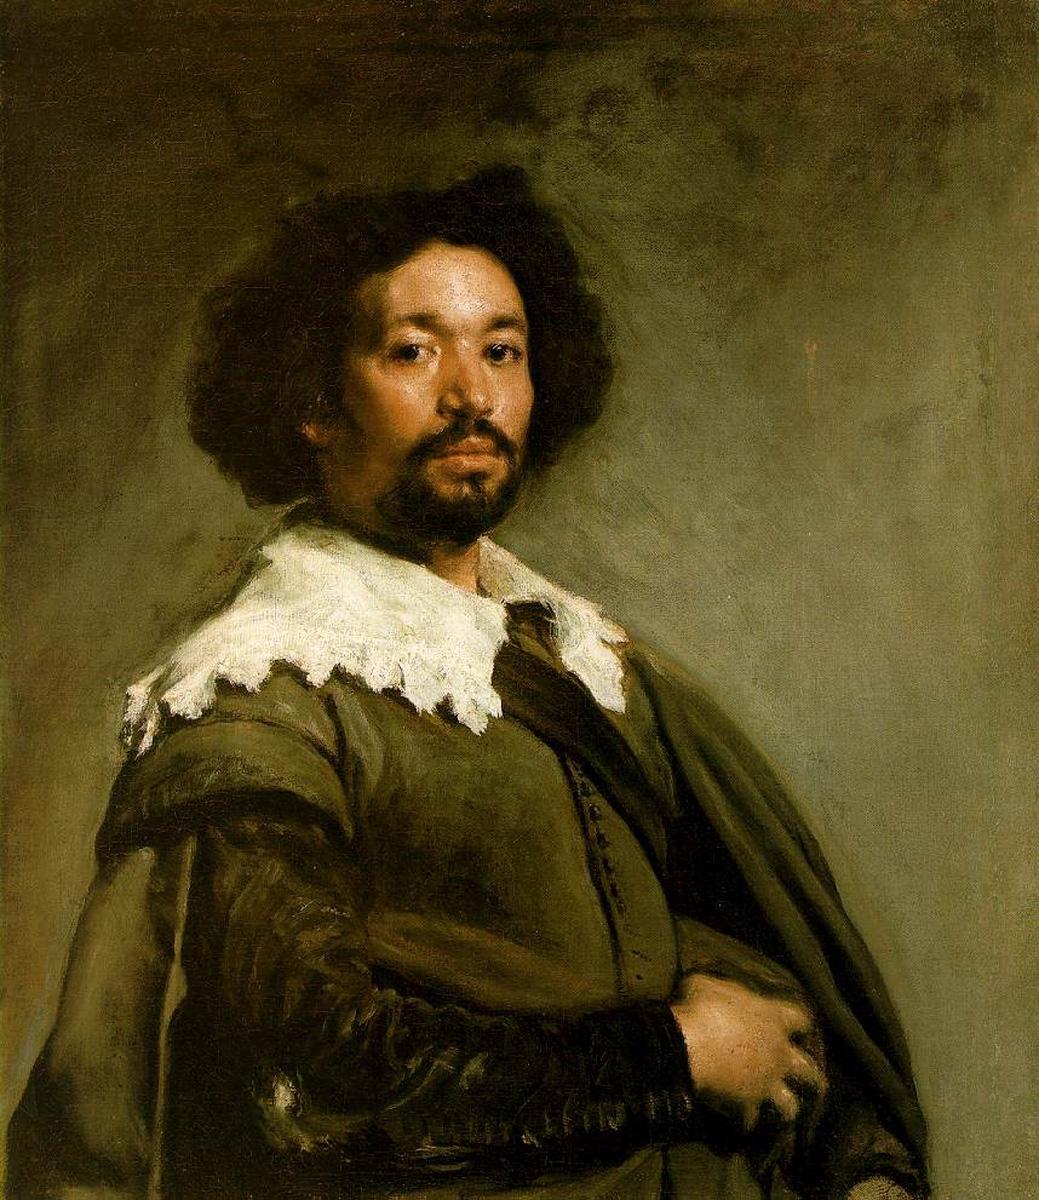 1650 Velázquez Juan de Pareja esclavo.JPG